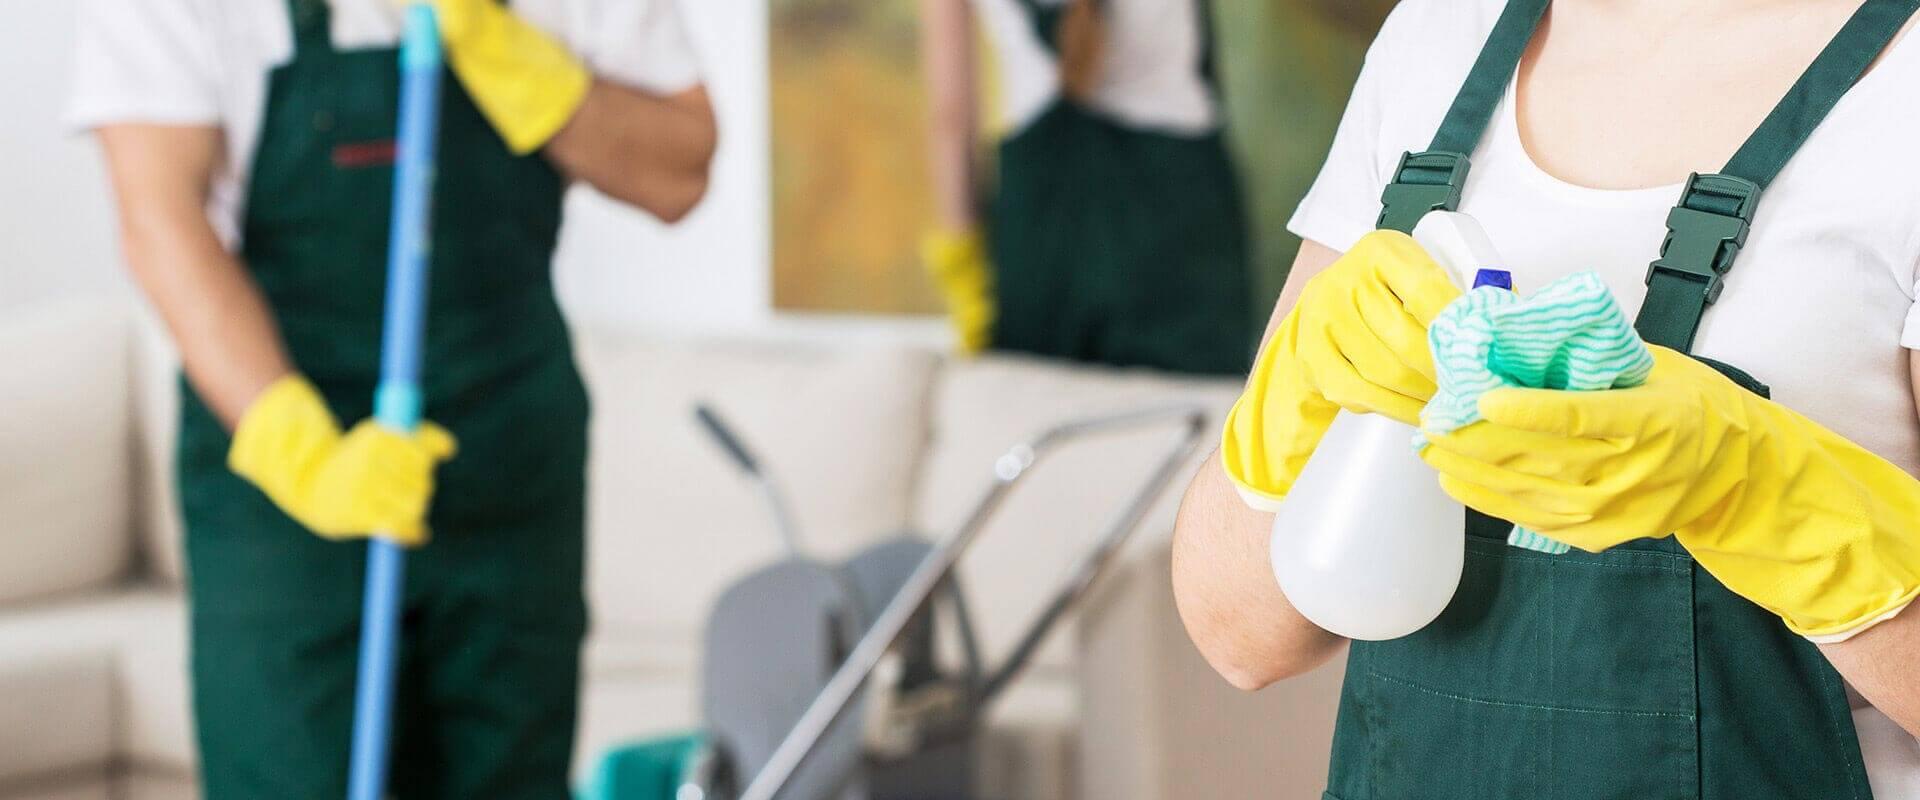 شركة تنظيف سجاد راس الخيمة 0565353098 - تنظيف بالبخار